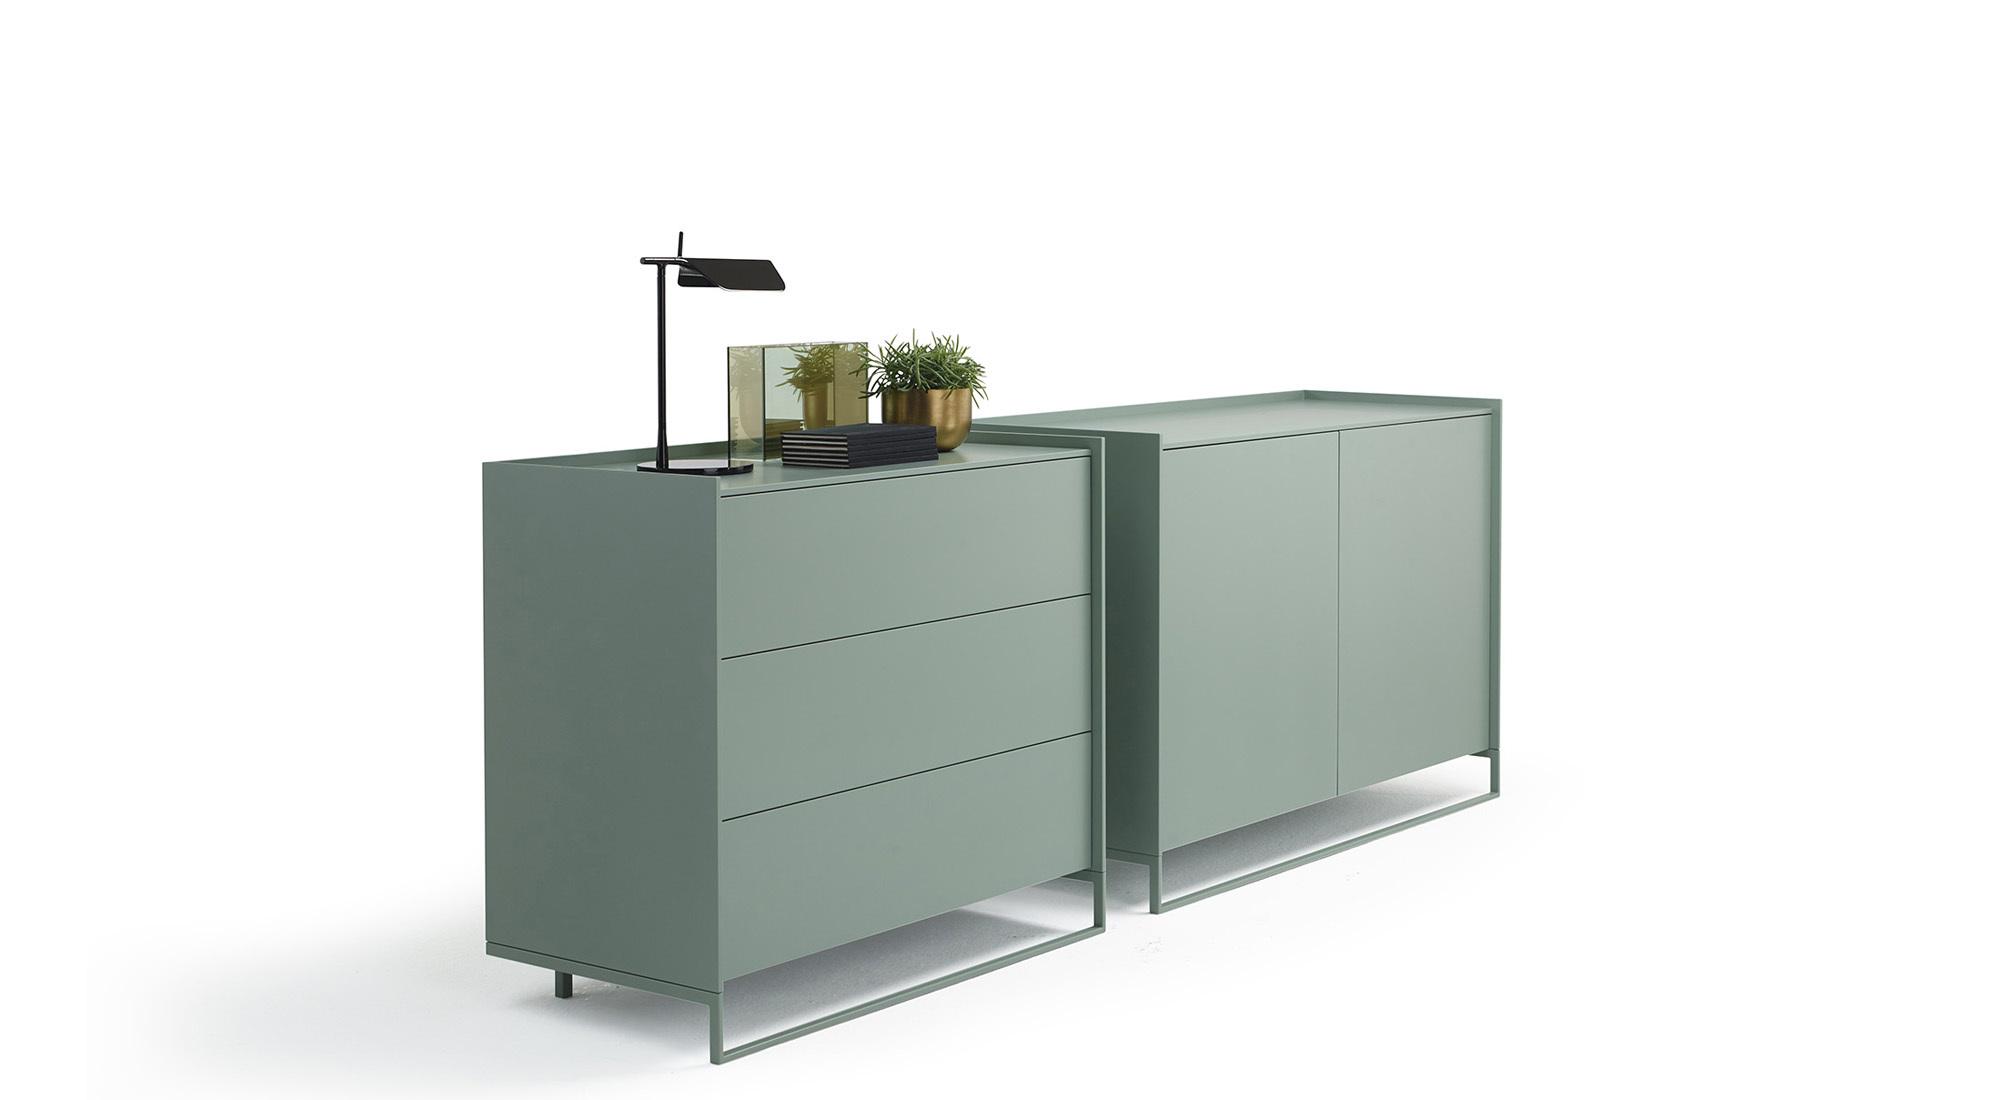 deko furniture. Lean Box Deko Furniture